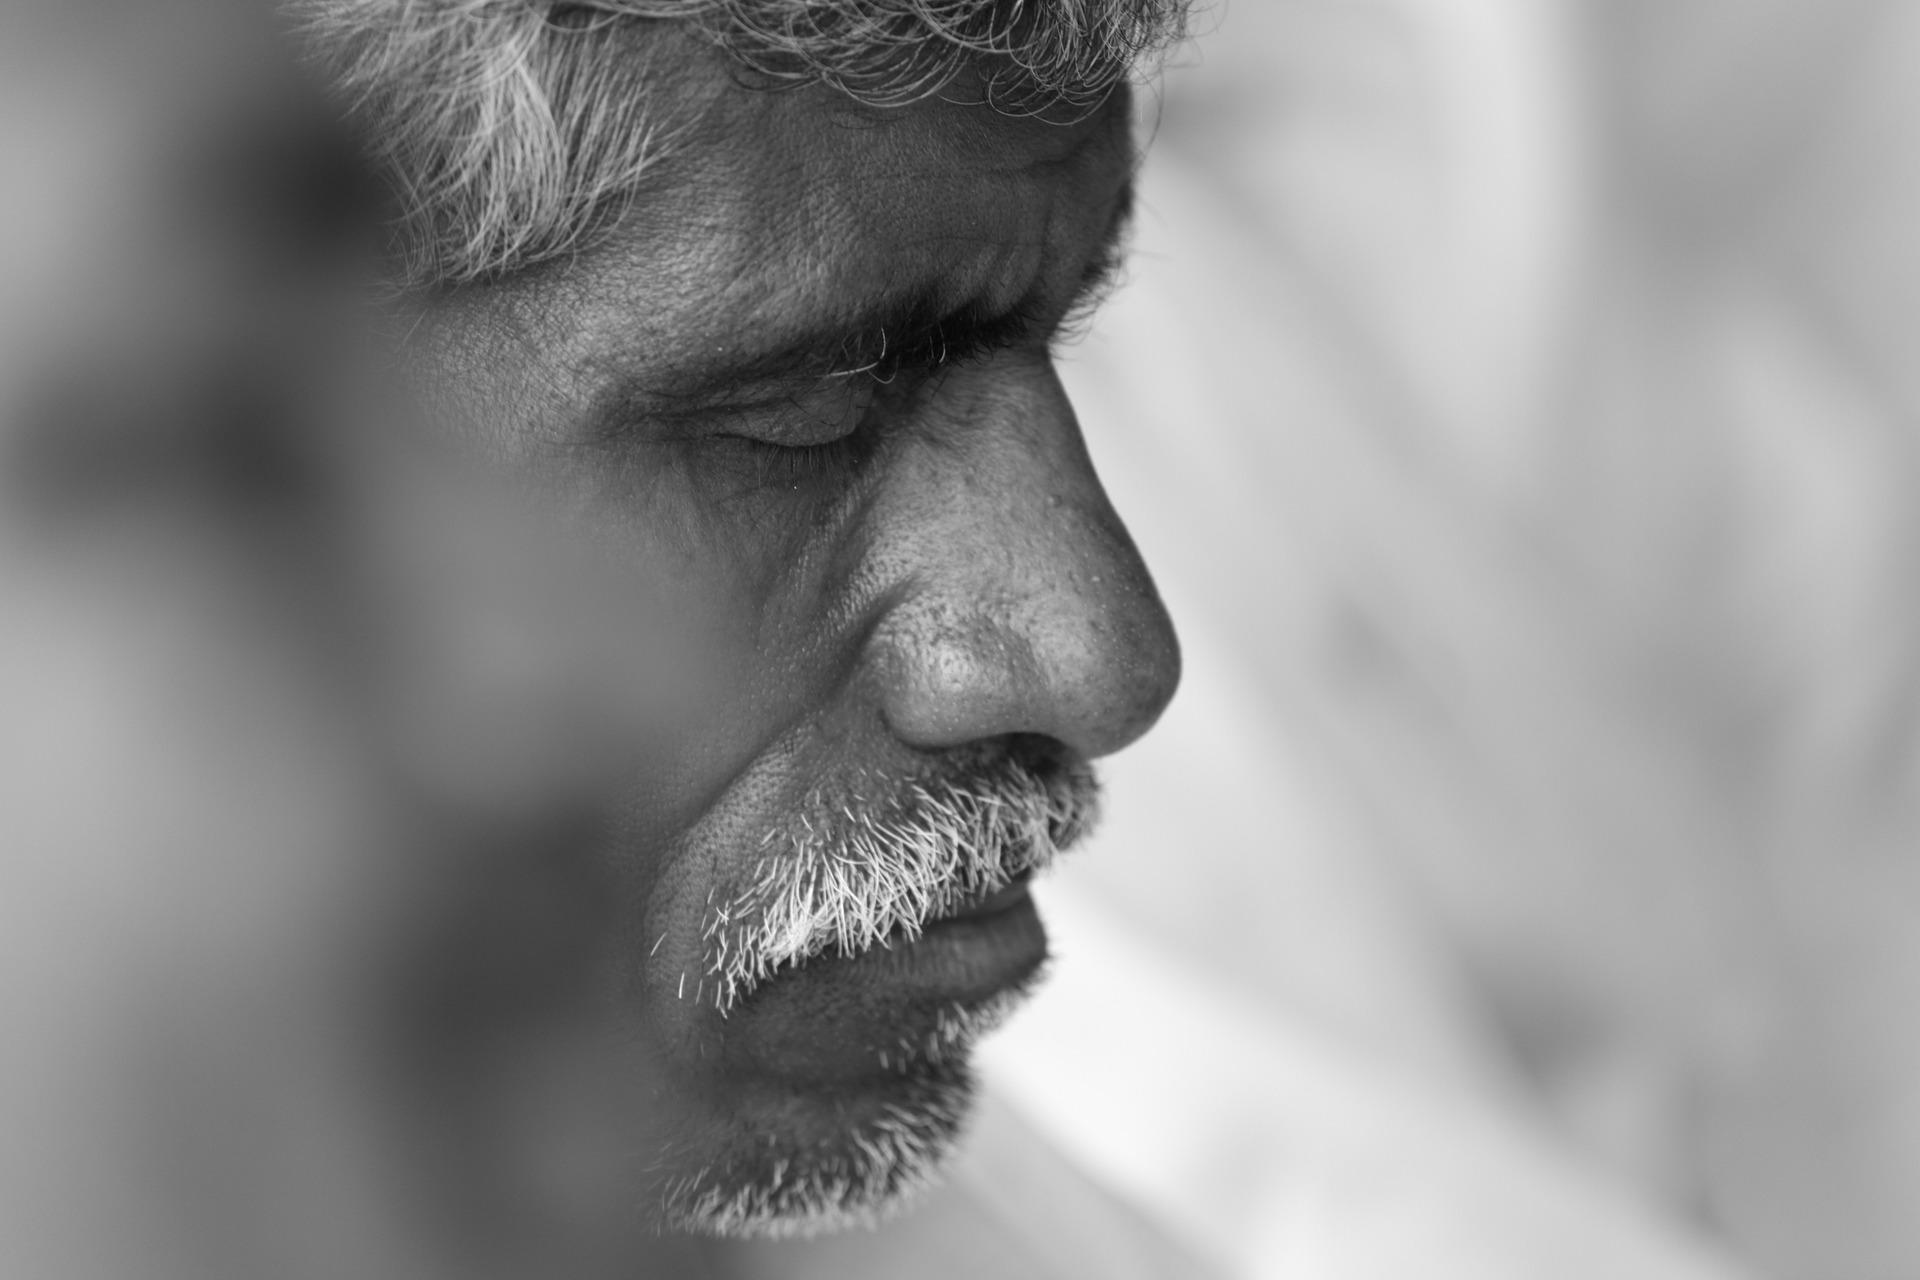 Psicóloga explica como acolher pessoas que estão vivendo um luto